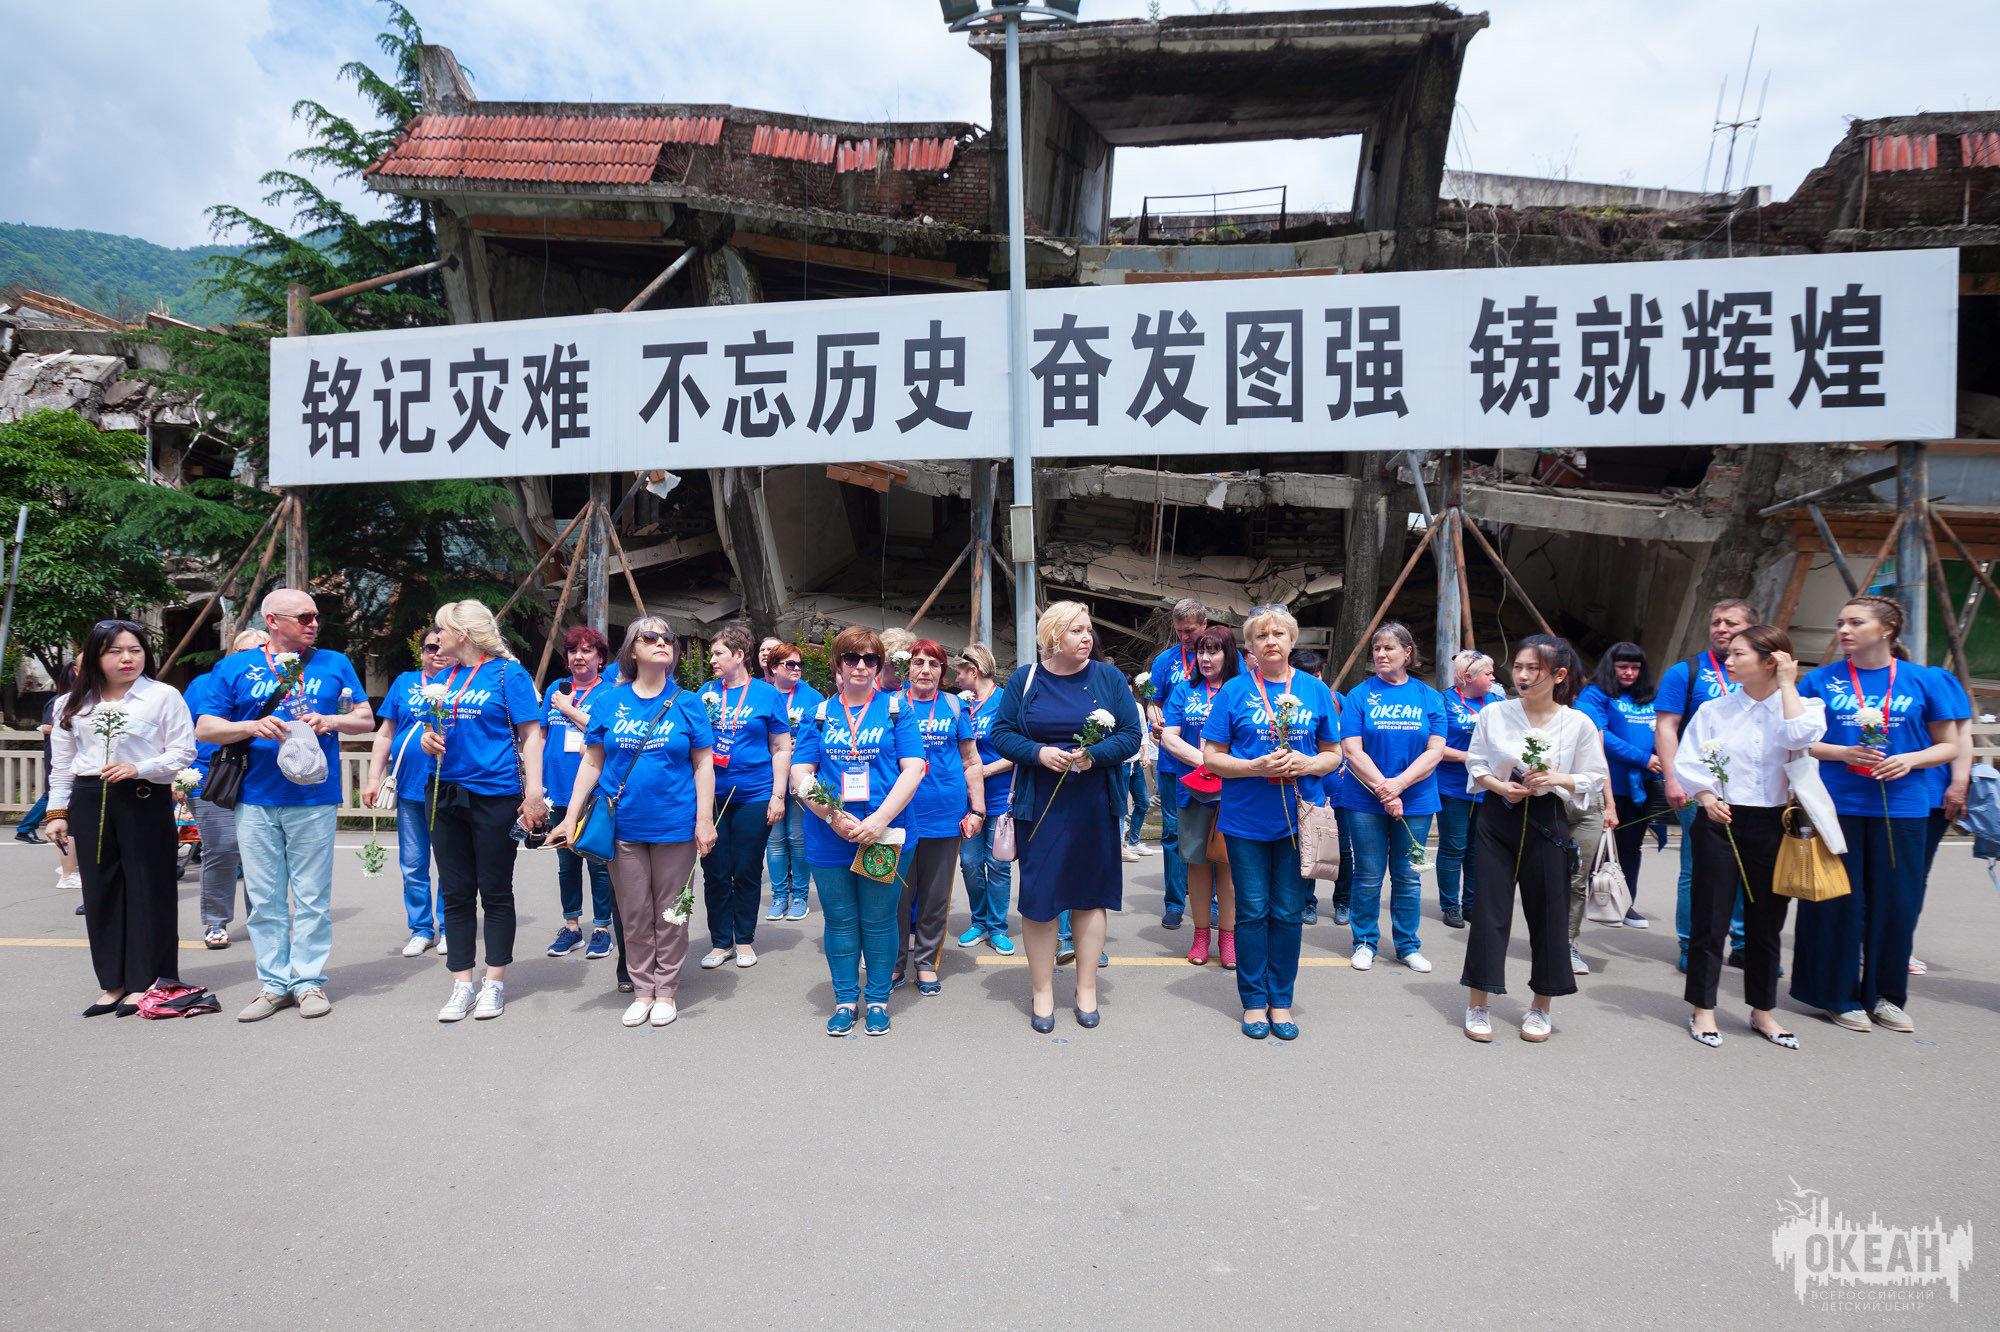 全俄「海洋」兒童中心代表團祭奠2008年地震遇難者